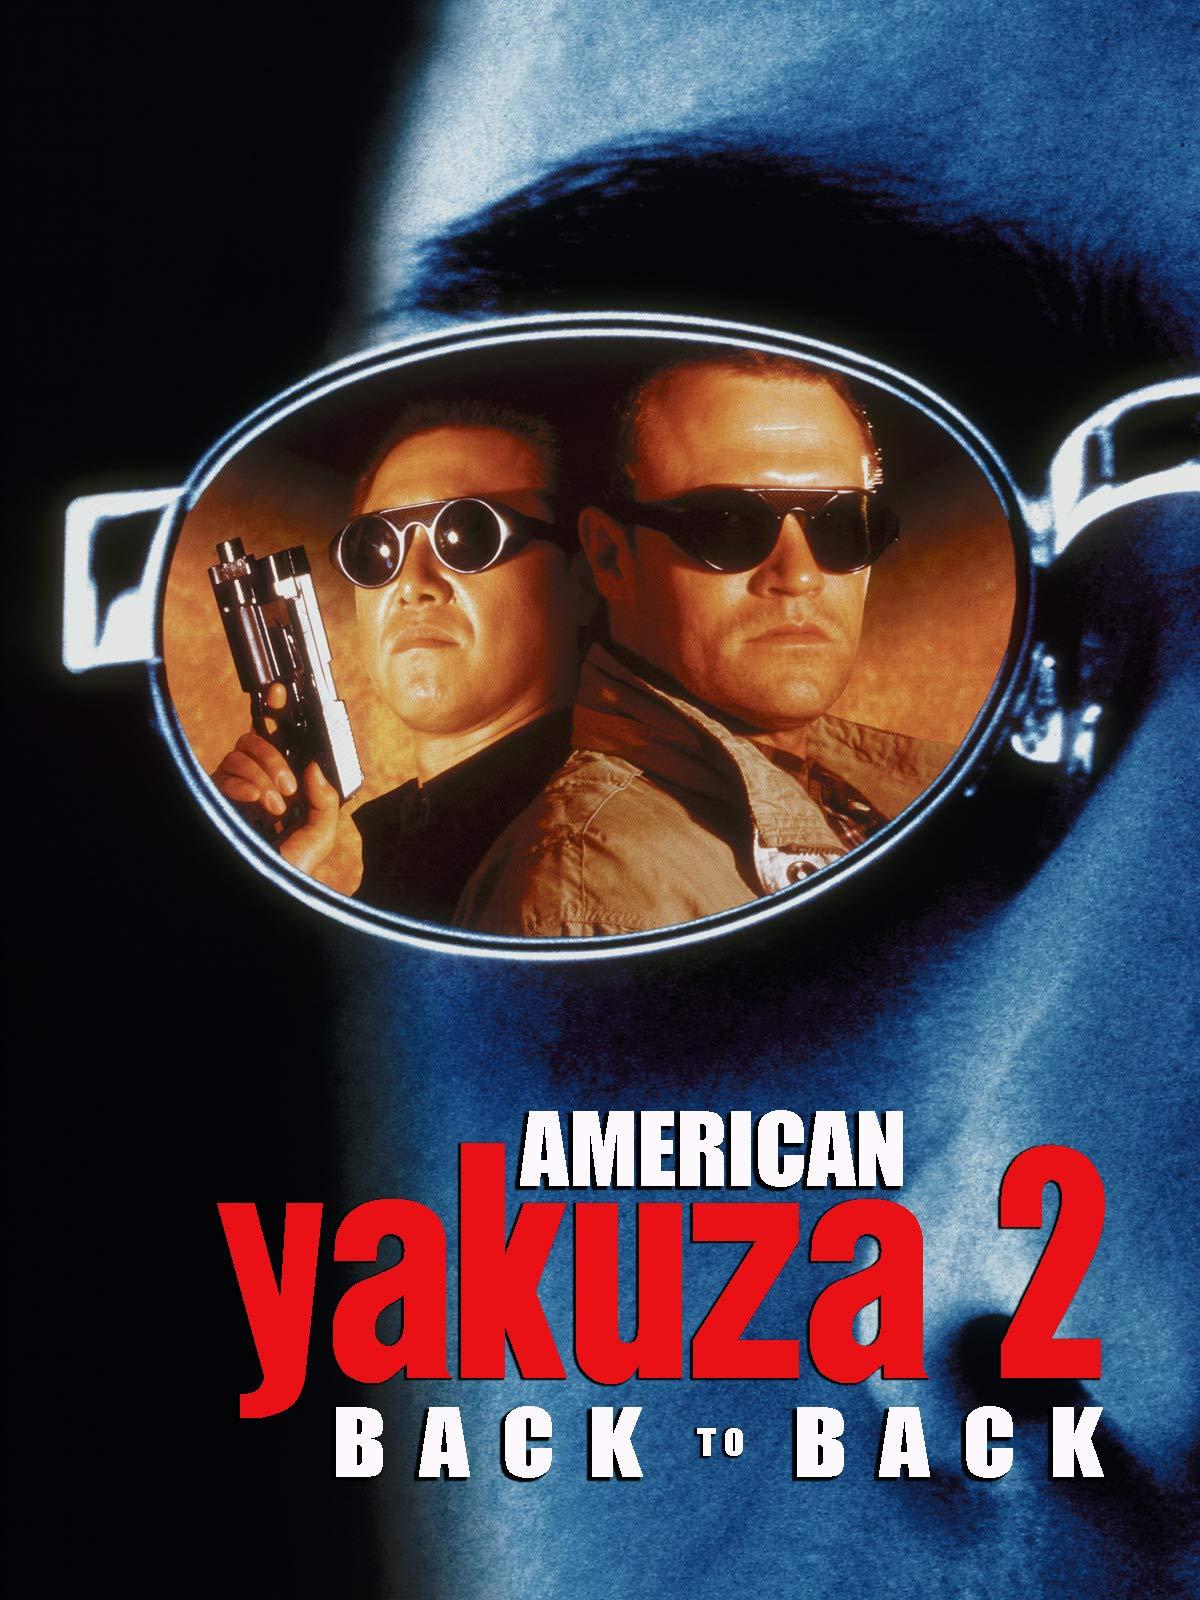 American Yakuza 2: Back to Back on Amazon Prime Video UK